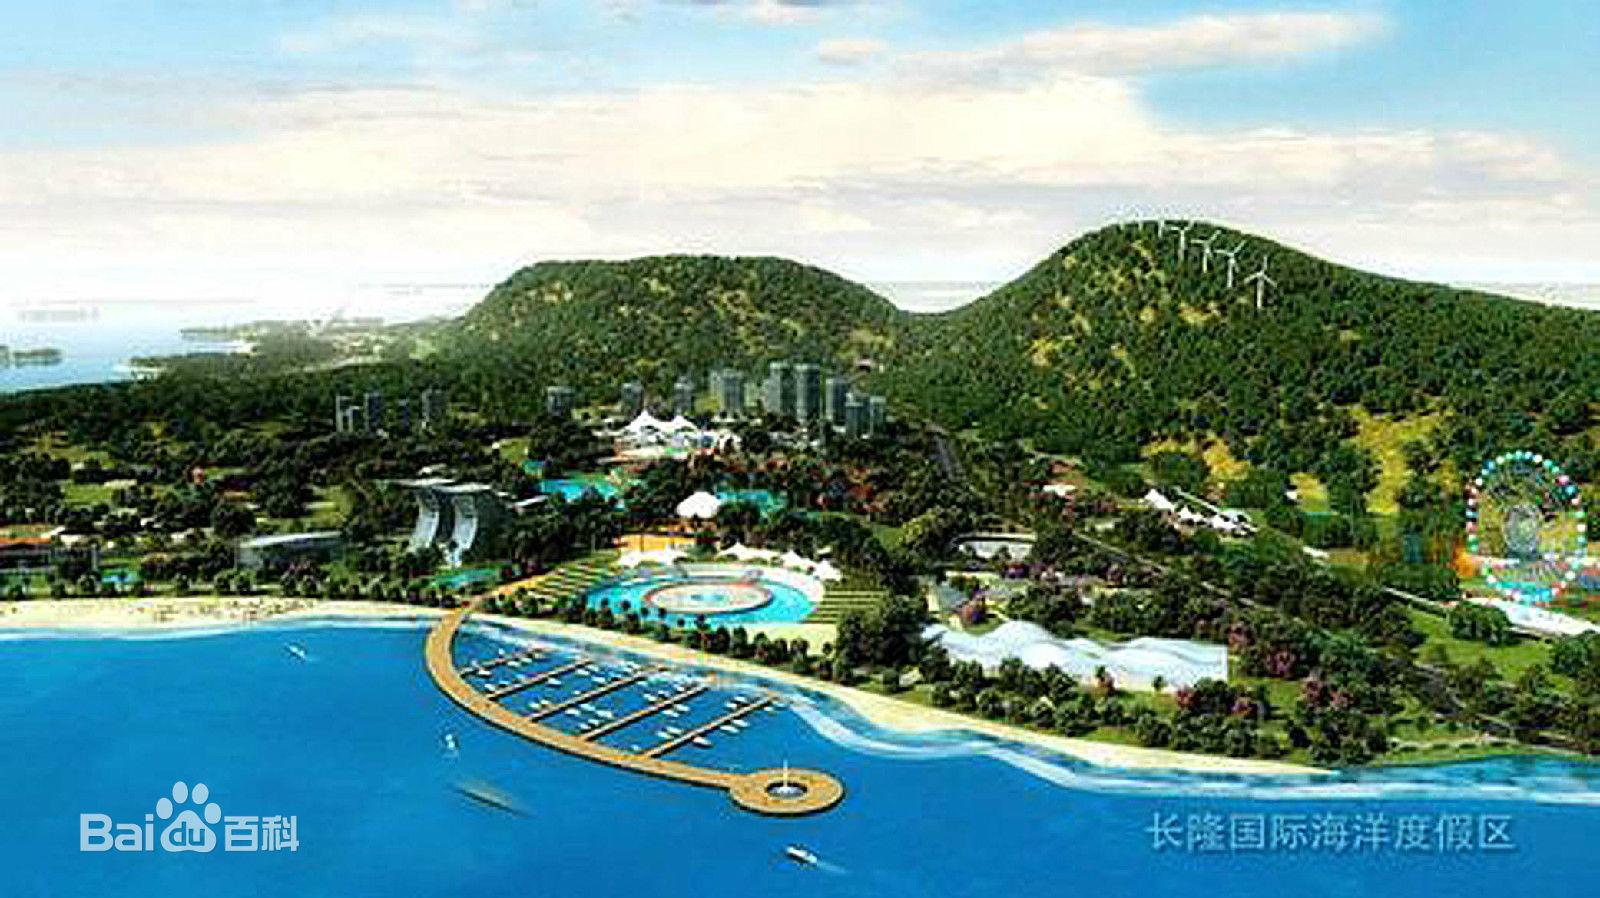 【珠海长隆海洋王国】2014年3月29日,经过2个多月的成功试业,全球最大的海洋主题度假区珠海长隆国际海洋度假区正式开业! 珠海长隆国际海洋度假区首期投资达到200亿,这个投资规模,即使放在全球的范围来看,这也是超乎常规的大手笔。它的正式开业,是中国旅游发展史上的一件大事,它汇聚了全球主题公园和度假区设计、包装、设备生产、制作等各类项目的最优秀公司,运用了当今世界最先进的技术和手段,结合中国人自身的创意和经验,是长隆人打造世界级民族品牌征程中的重要一步,是中国旅游行业比肩世界顶尖水平的代表之作。它的全面